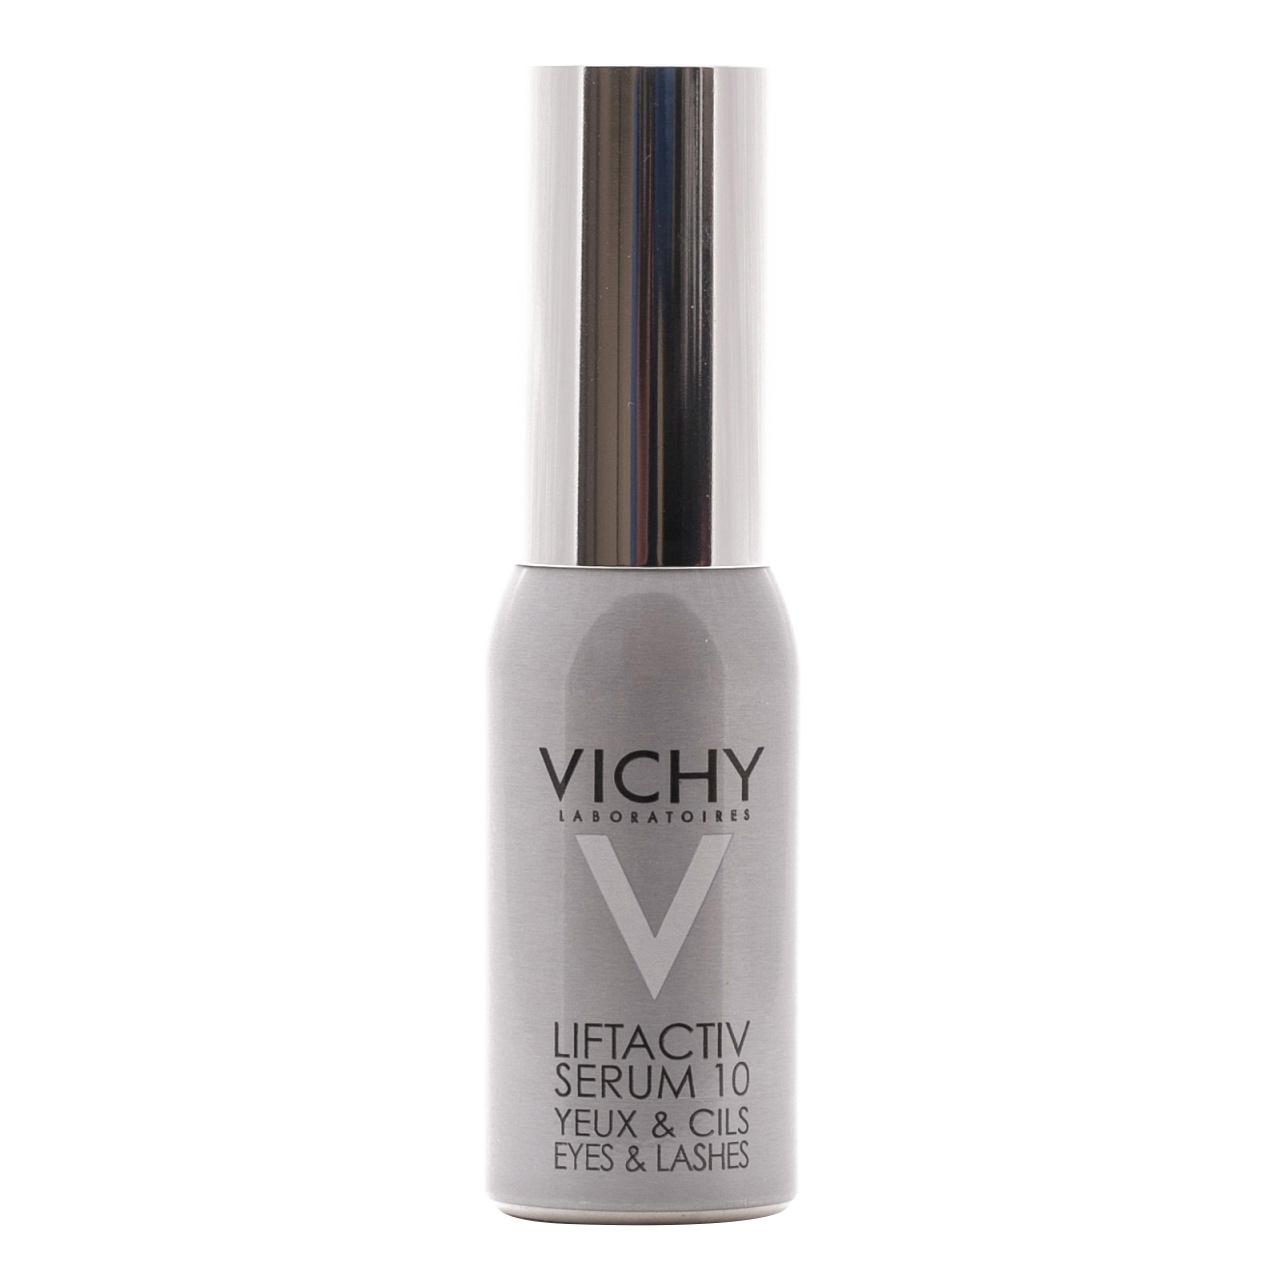 Сыворотка Vichy для глаз и ресниц LiftActiv Serum 10 фото